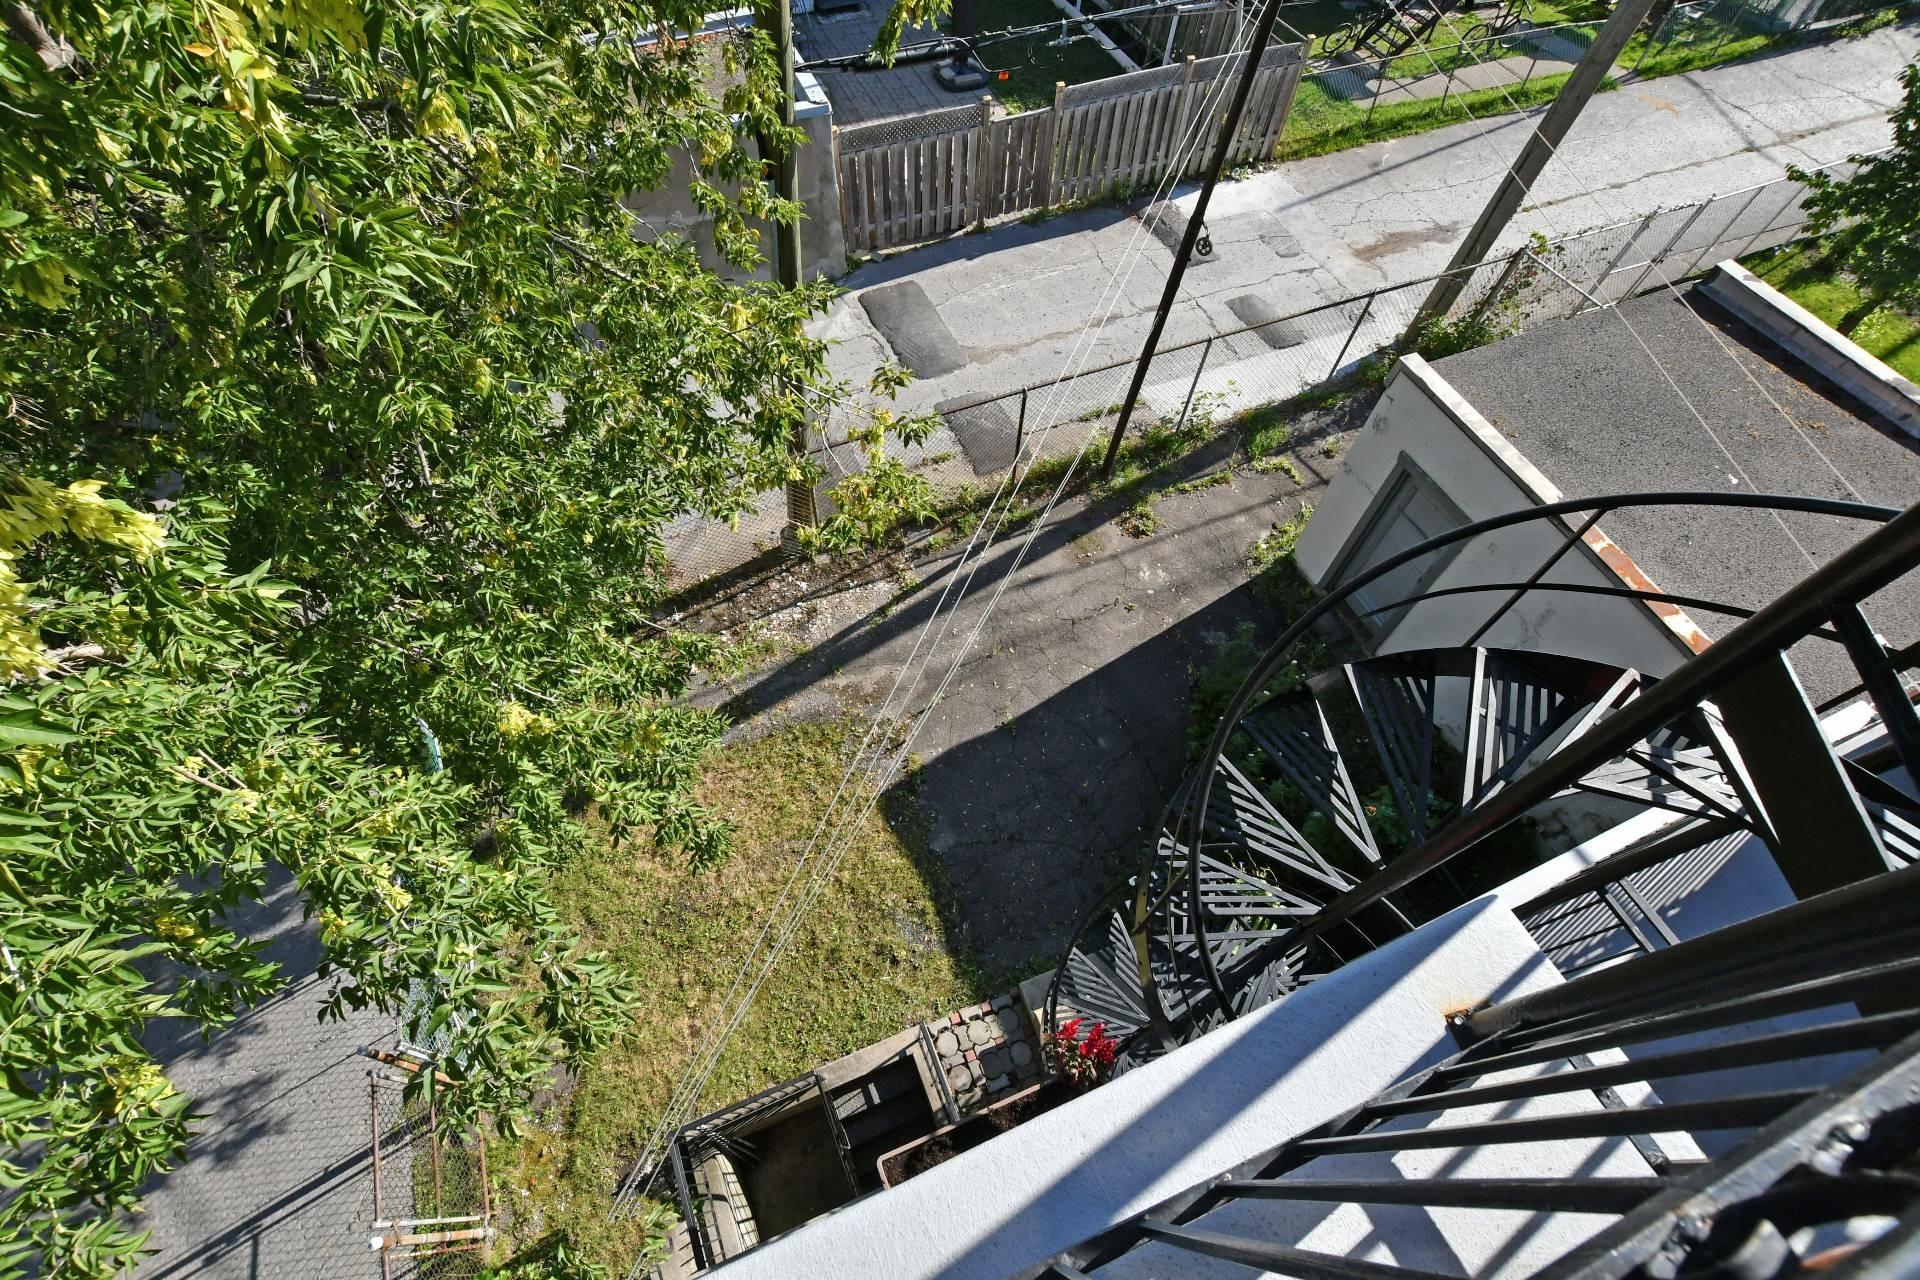 image 9 - Immeuble à revenus À vendre Villeray/Saint-Michel/Parc-Extension Montréal  - 4 pièces